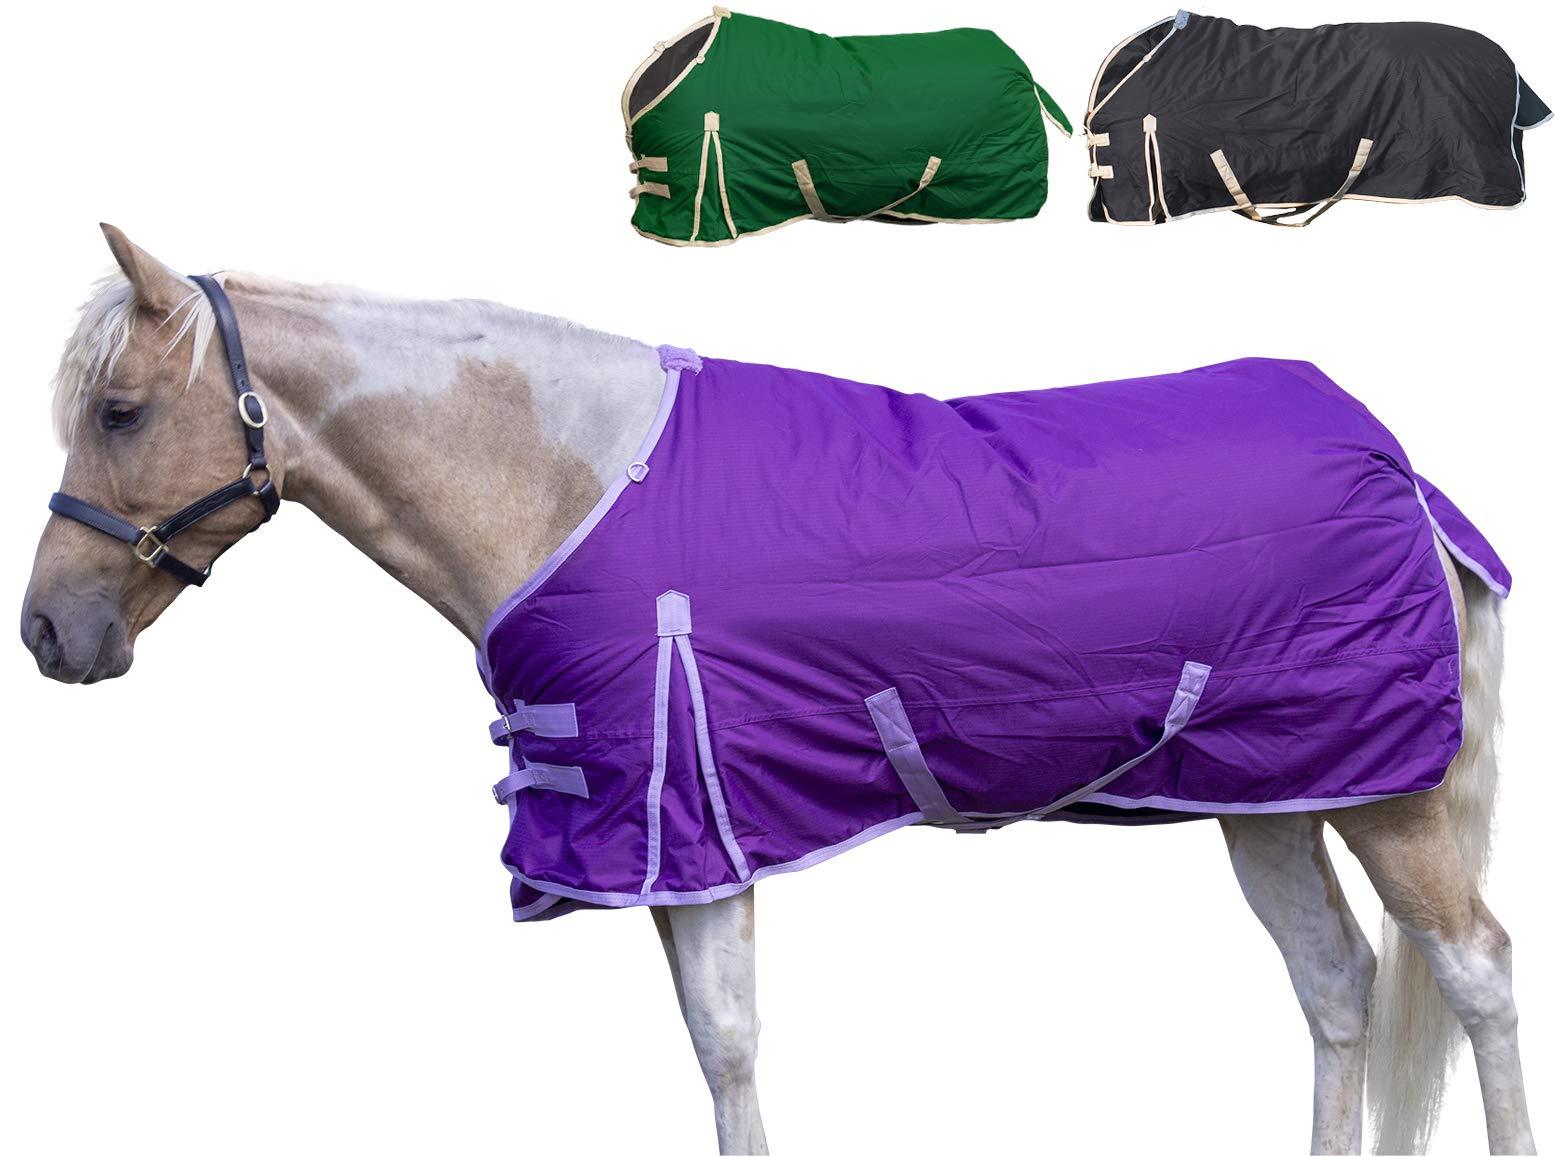 Derby Originals Deluxe Series 600D Ripstop Waterproof Medium Weight Winter Turnout Horse Blanket